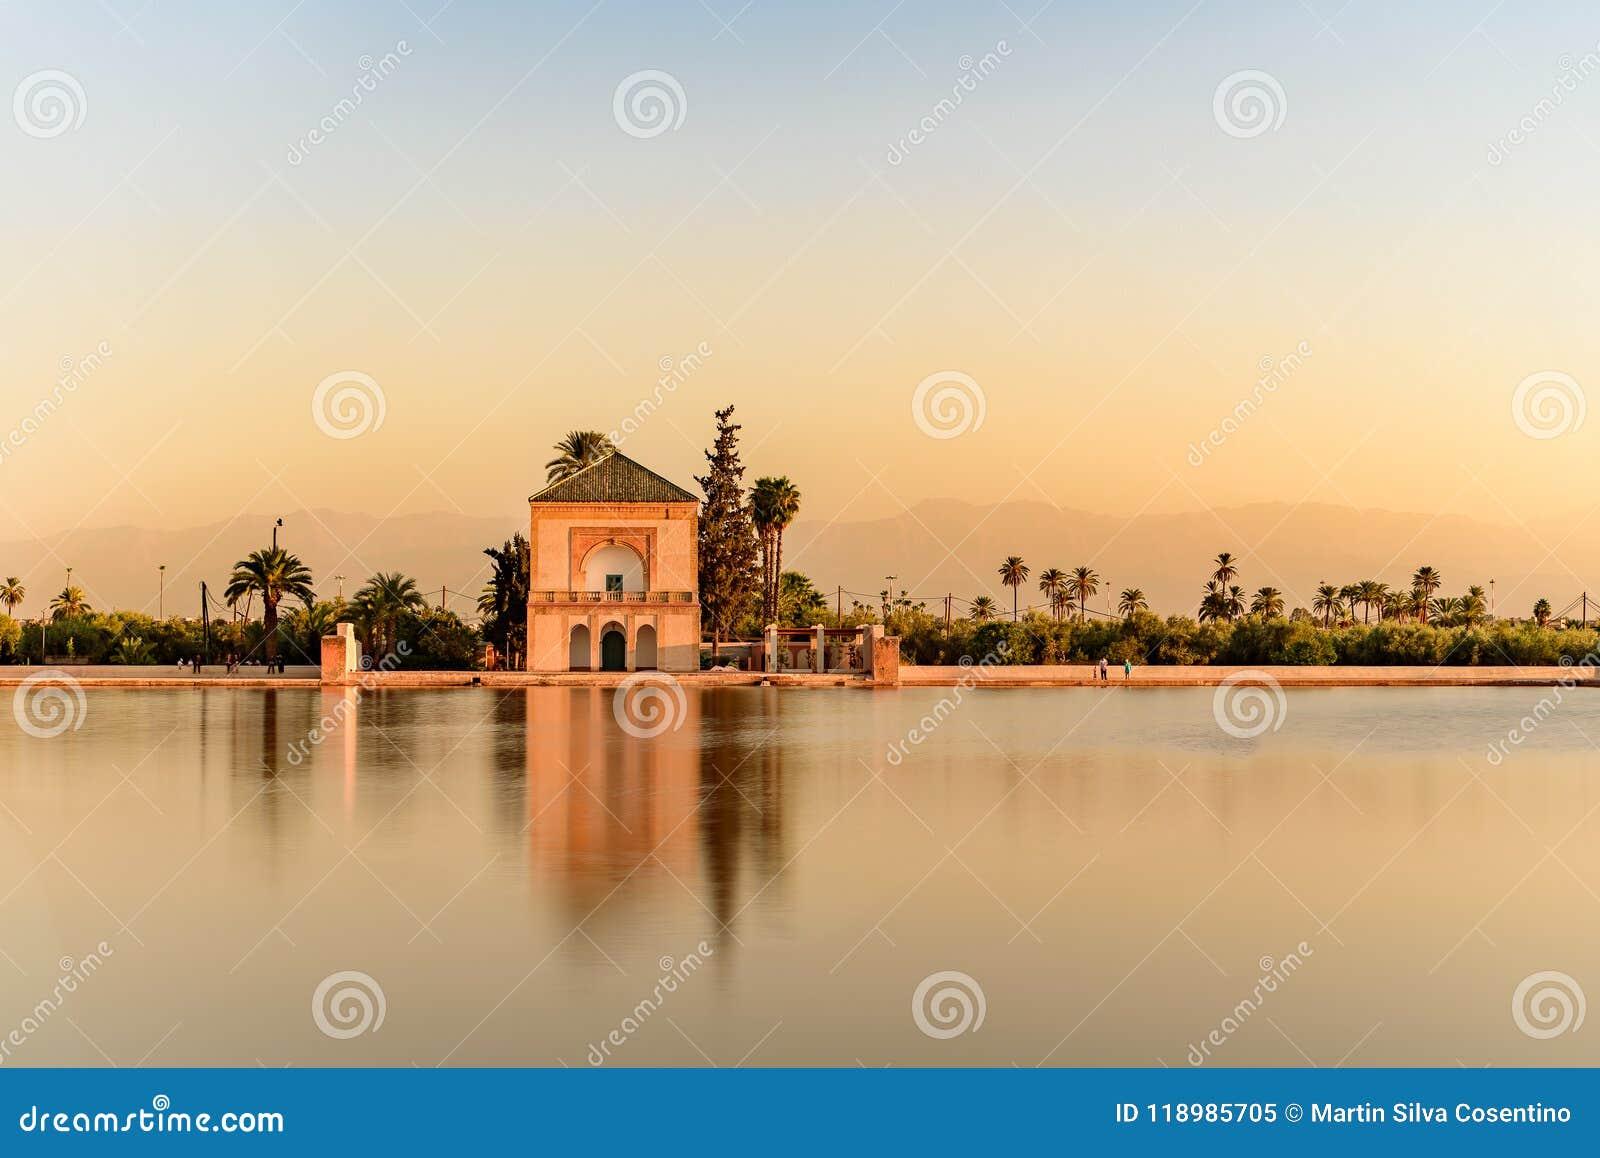 El Jardin De La Menara Marrakech Marruecos Editorial Image Image